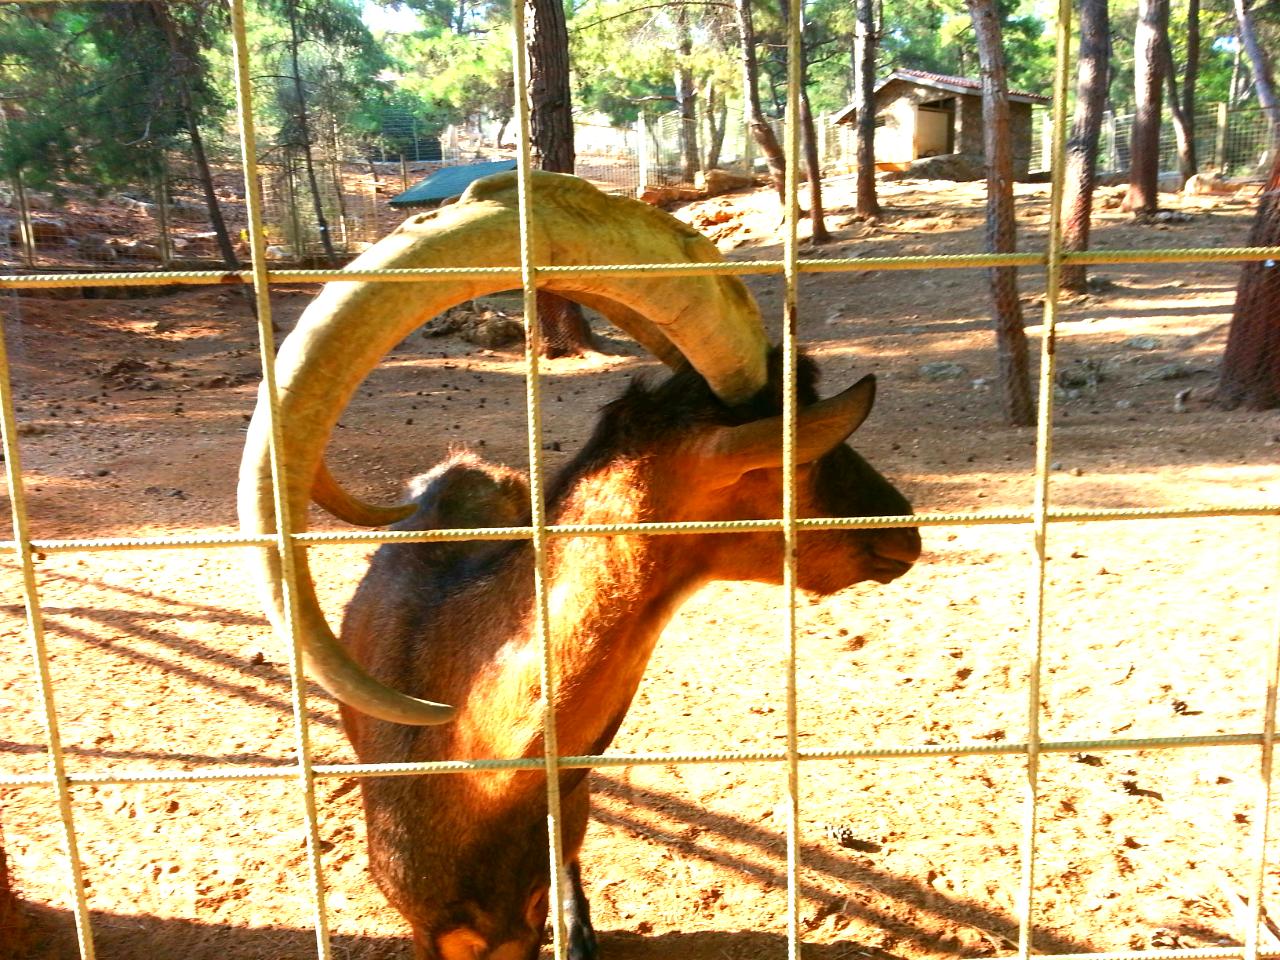 Antalya City Blog Visited Antalya Zoo and Nature Park ...